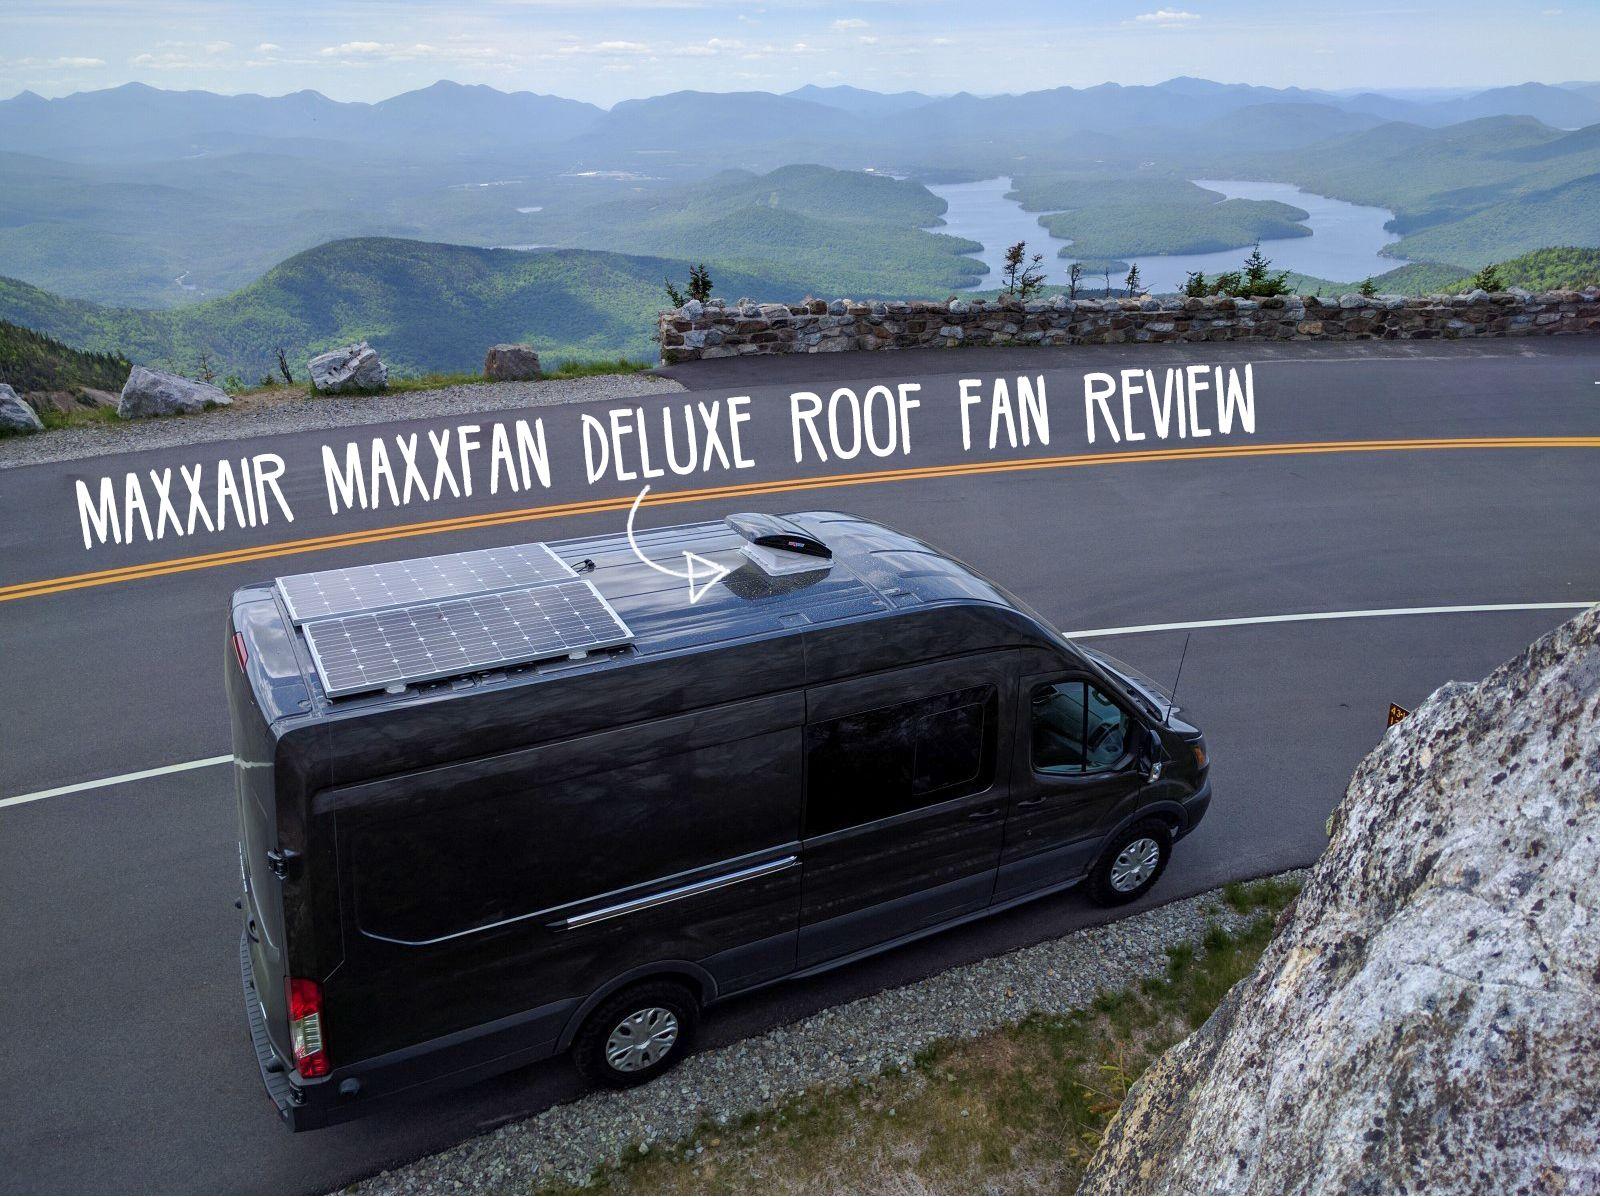 Maxxair Maxxfan Deluxe Roof Fan Review